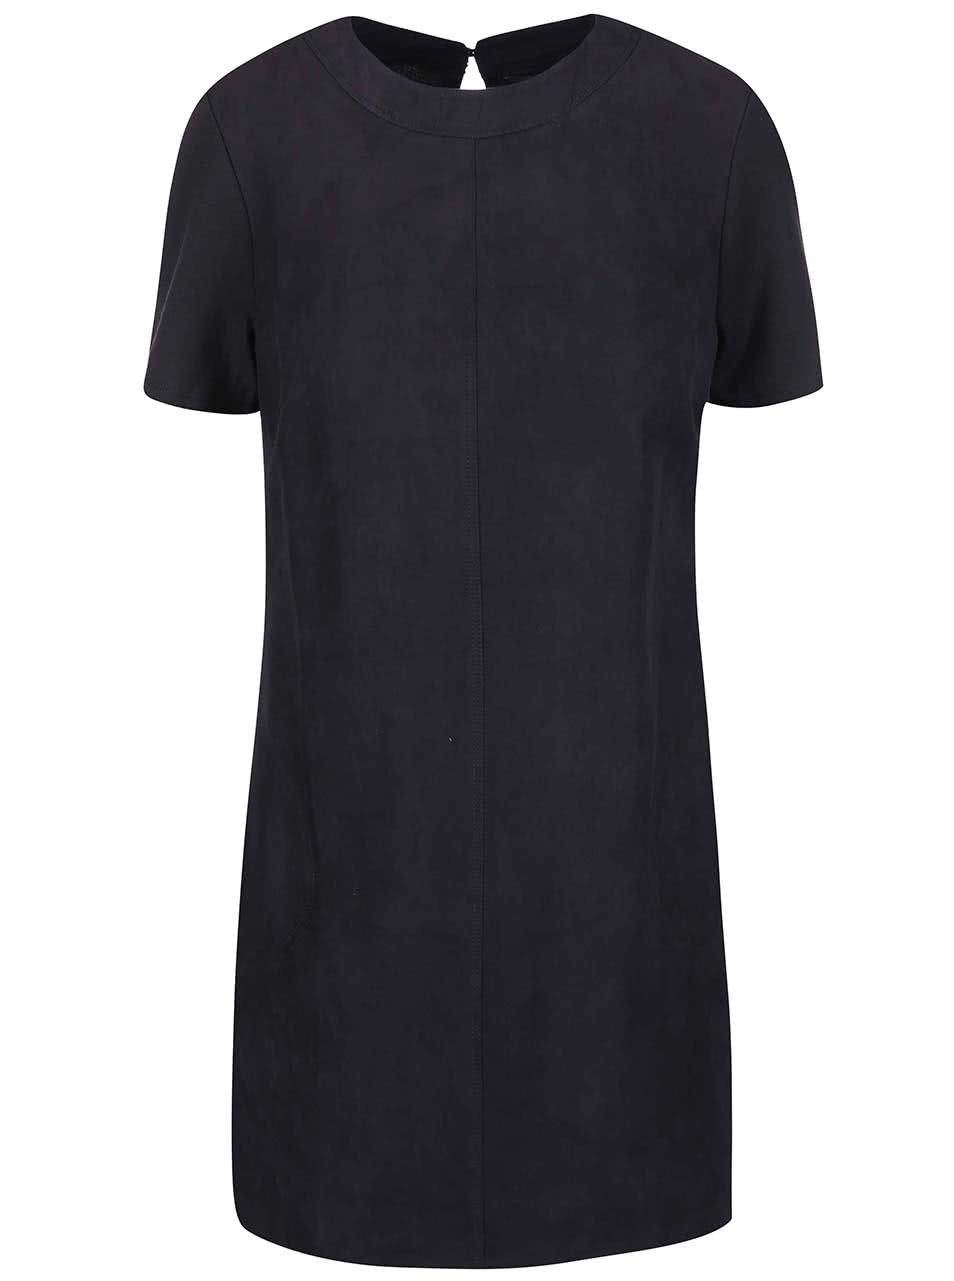 Černé volnější šaty Dorothy Perkins 9e17a277b5